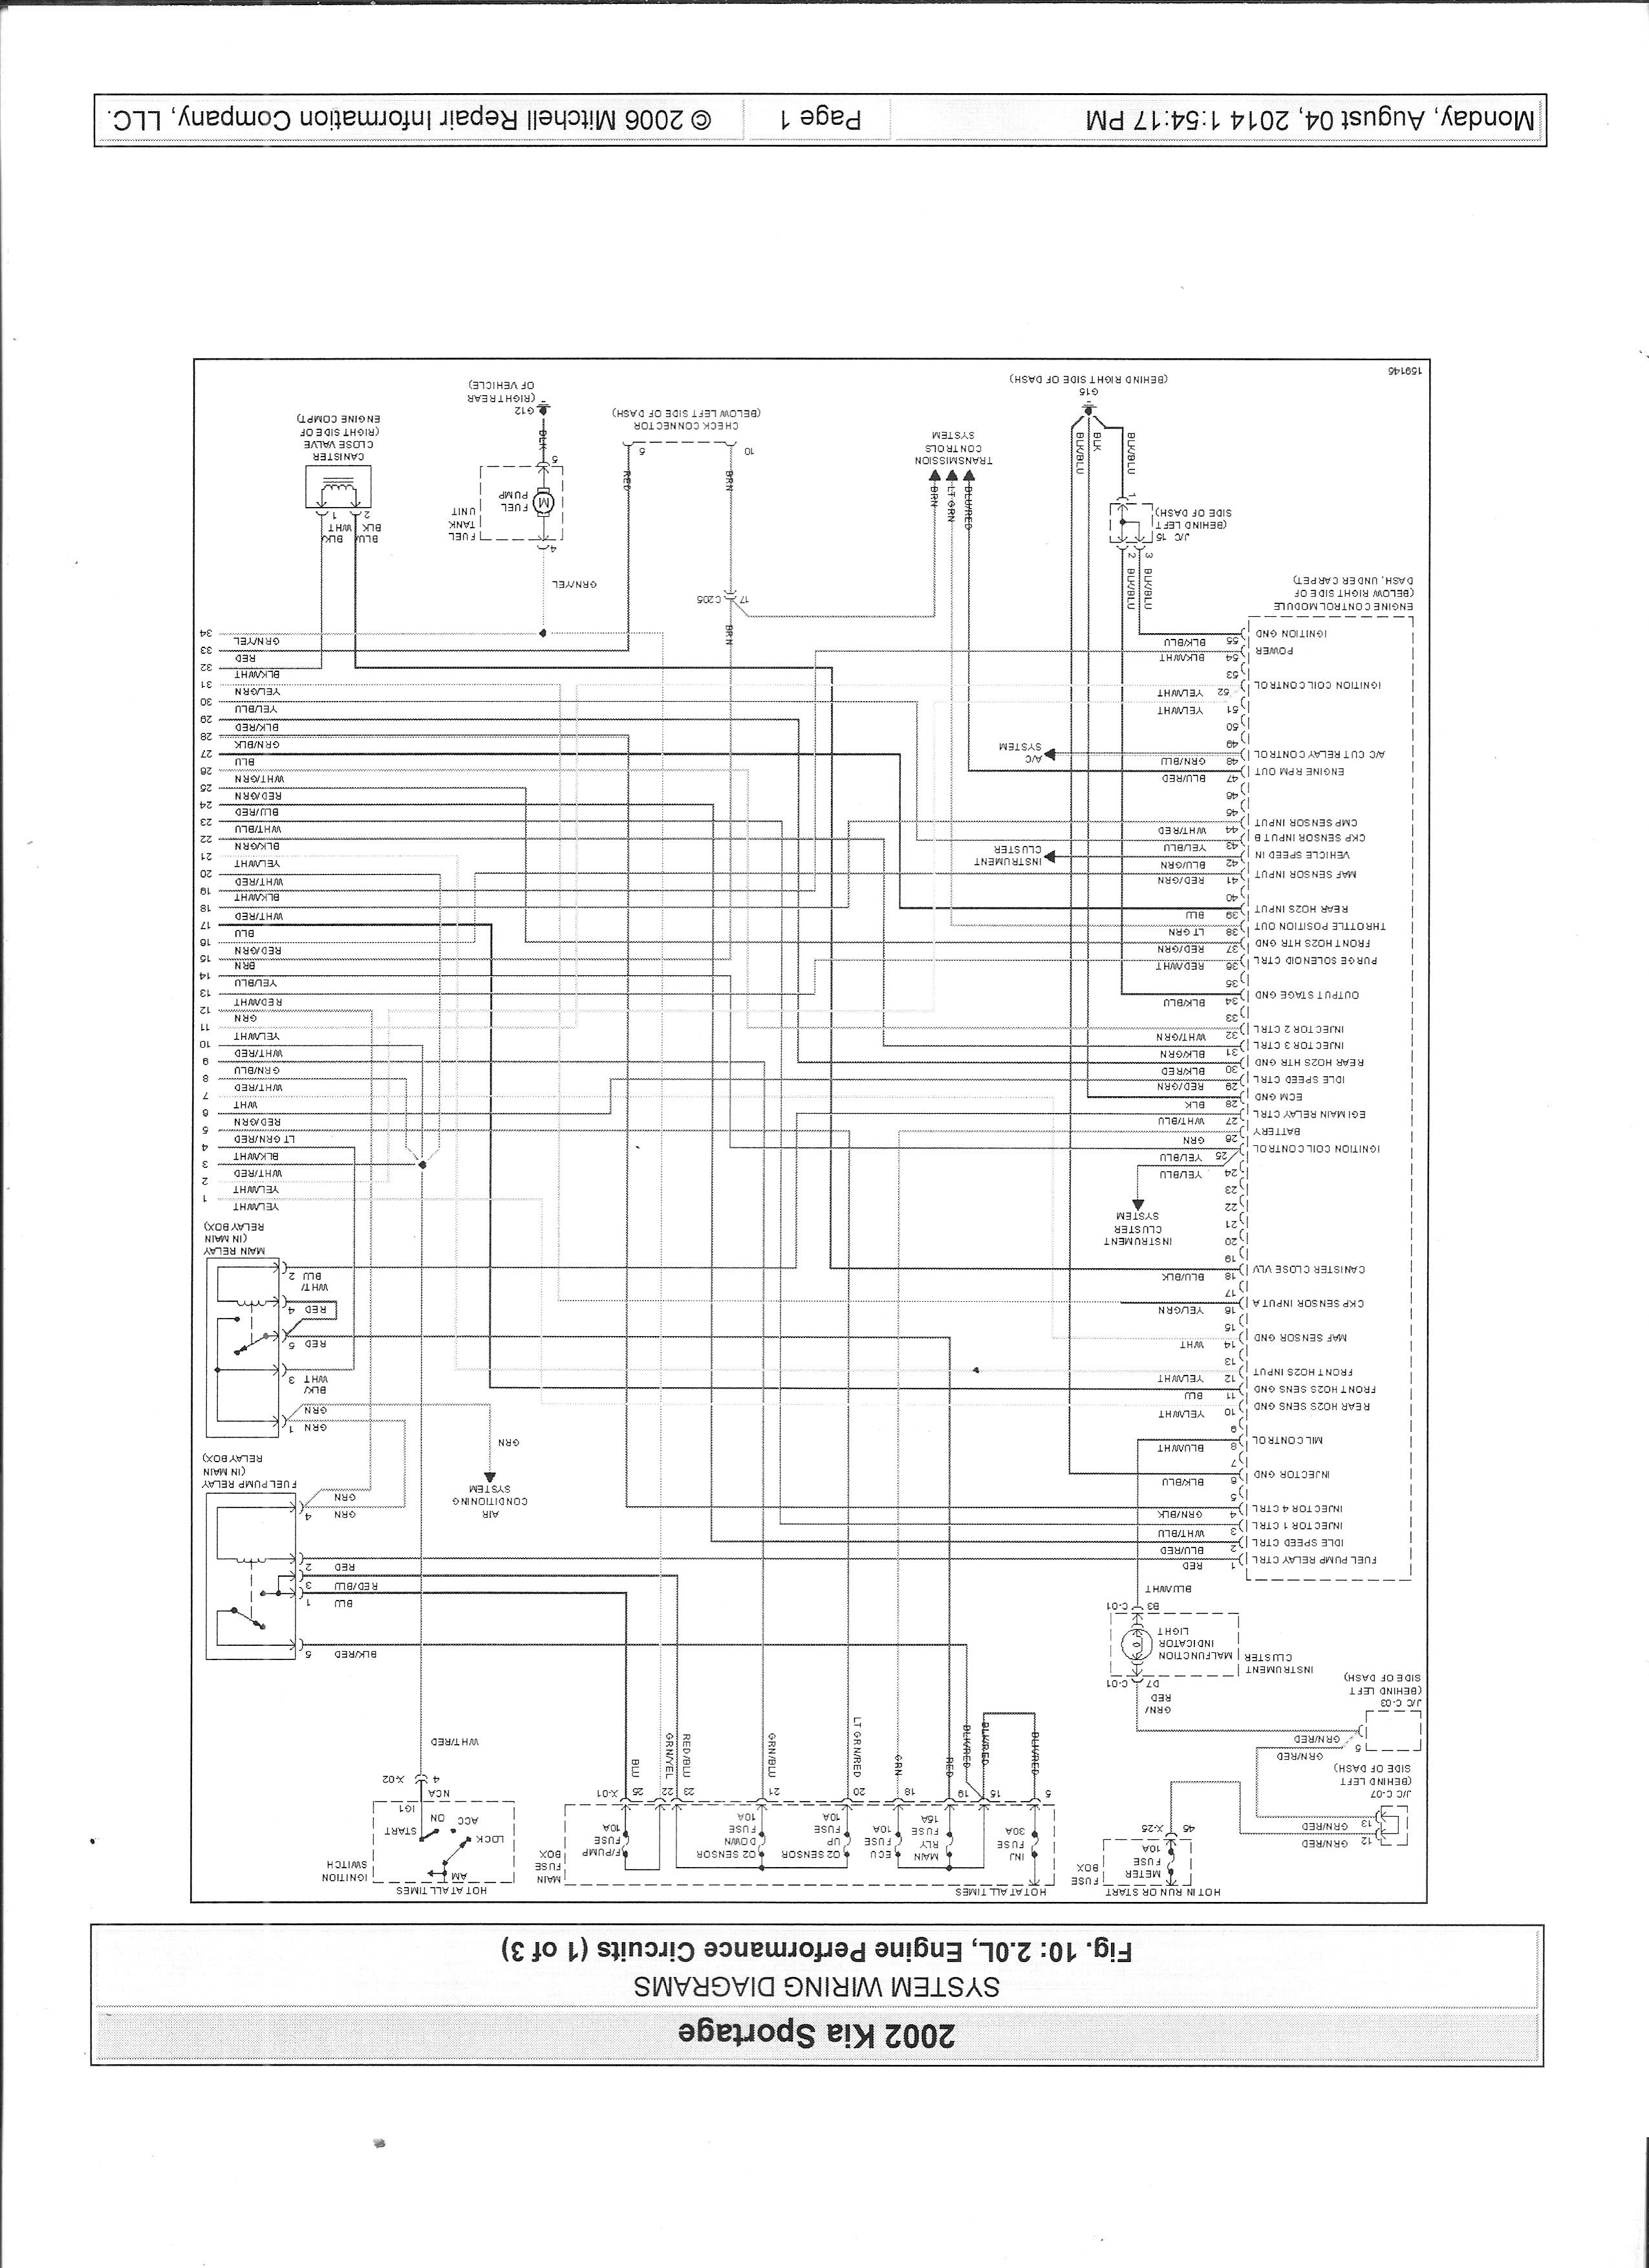 2001 Kia Sportage Engine Diagram Amazing Kia Sportage Wiring Diagram Ideas Everything You Need to Of 2001 Kia Sportage Engine Diagram